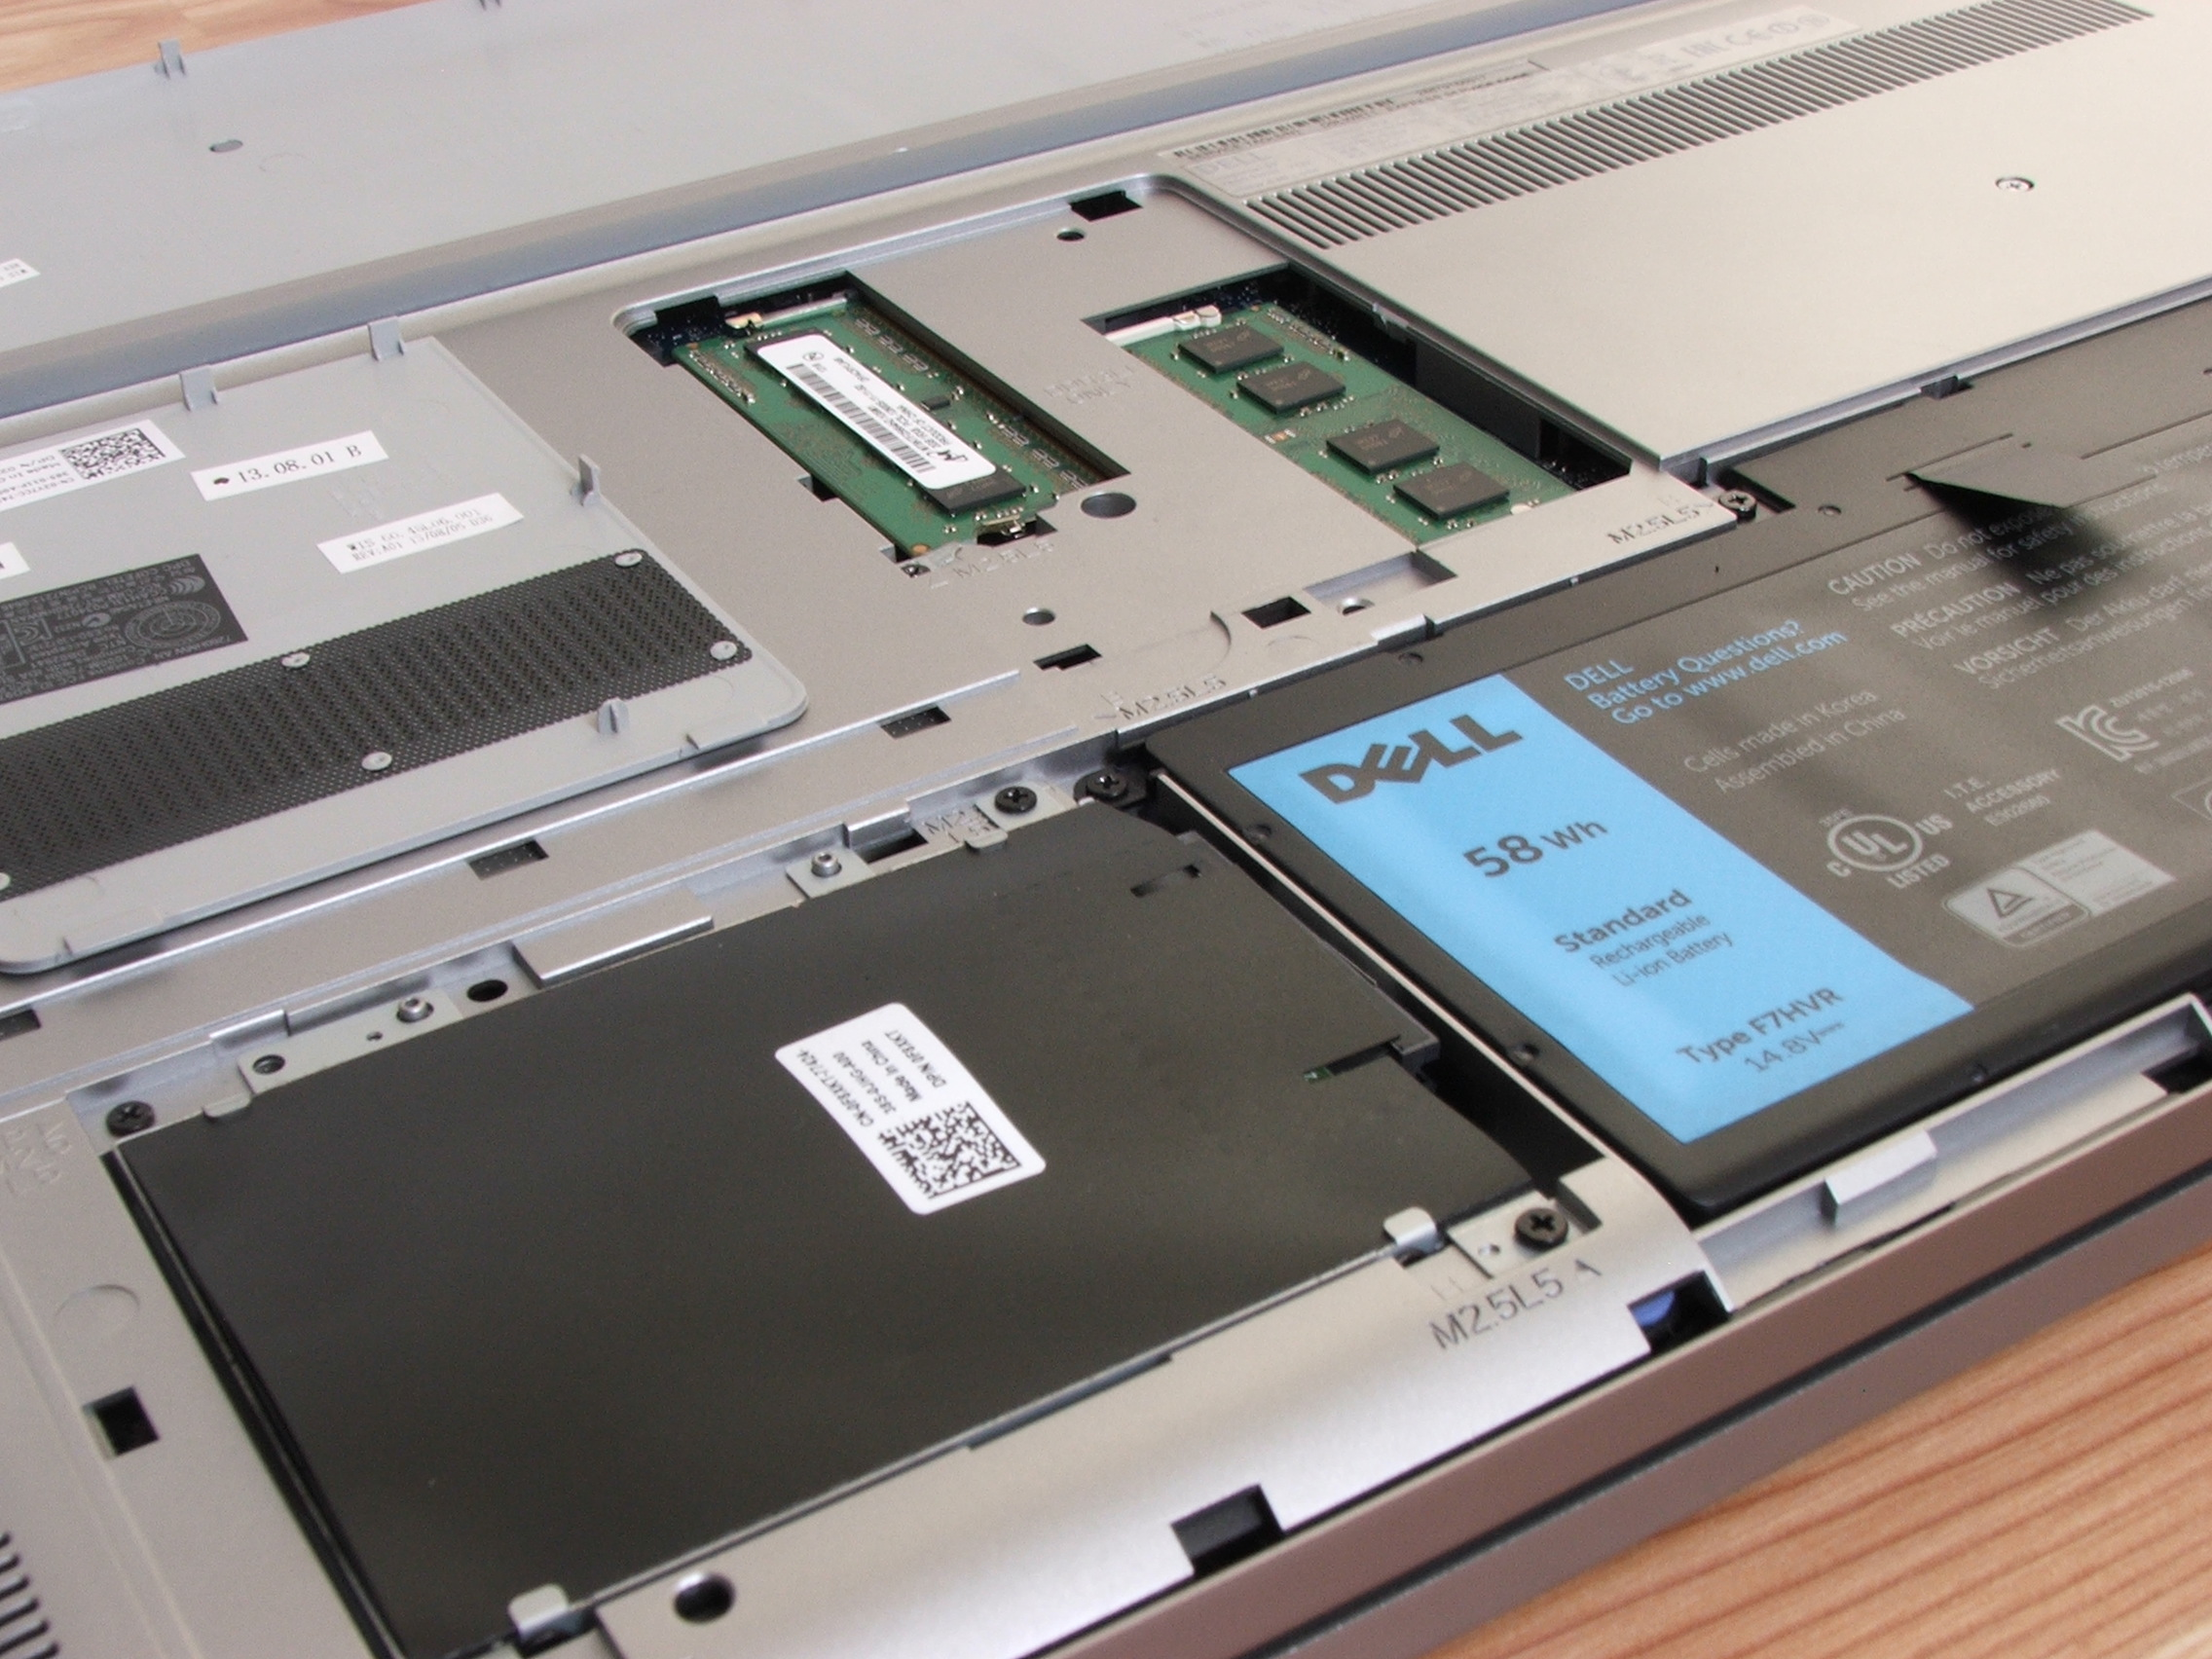 Dell Inspiron 7737 teszt - az XPS Inspiron